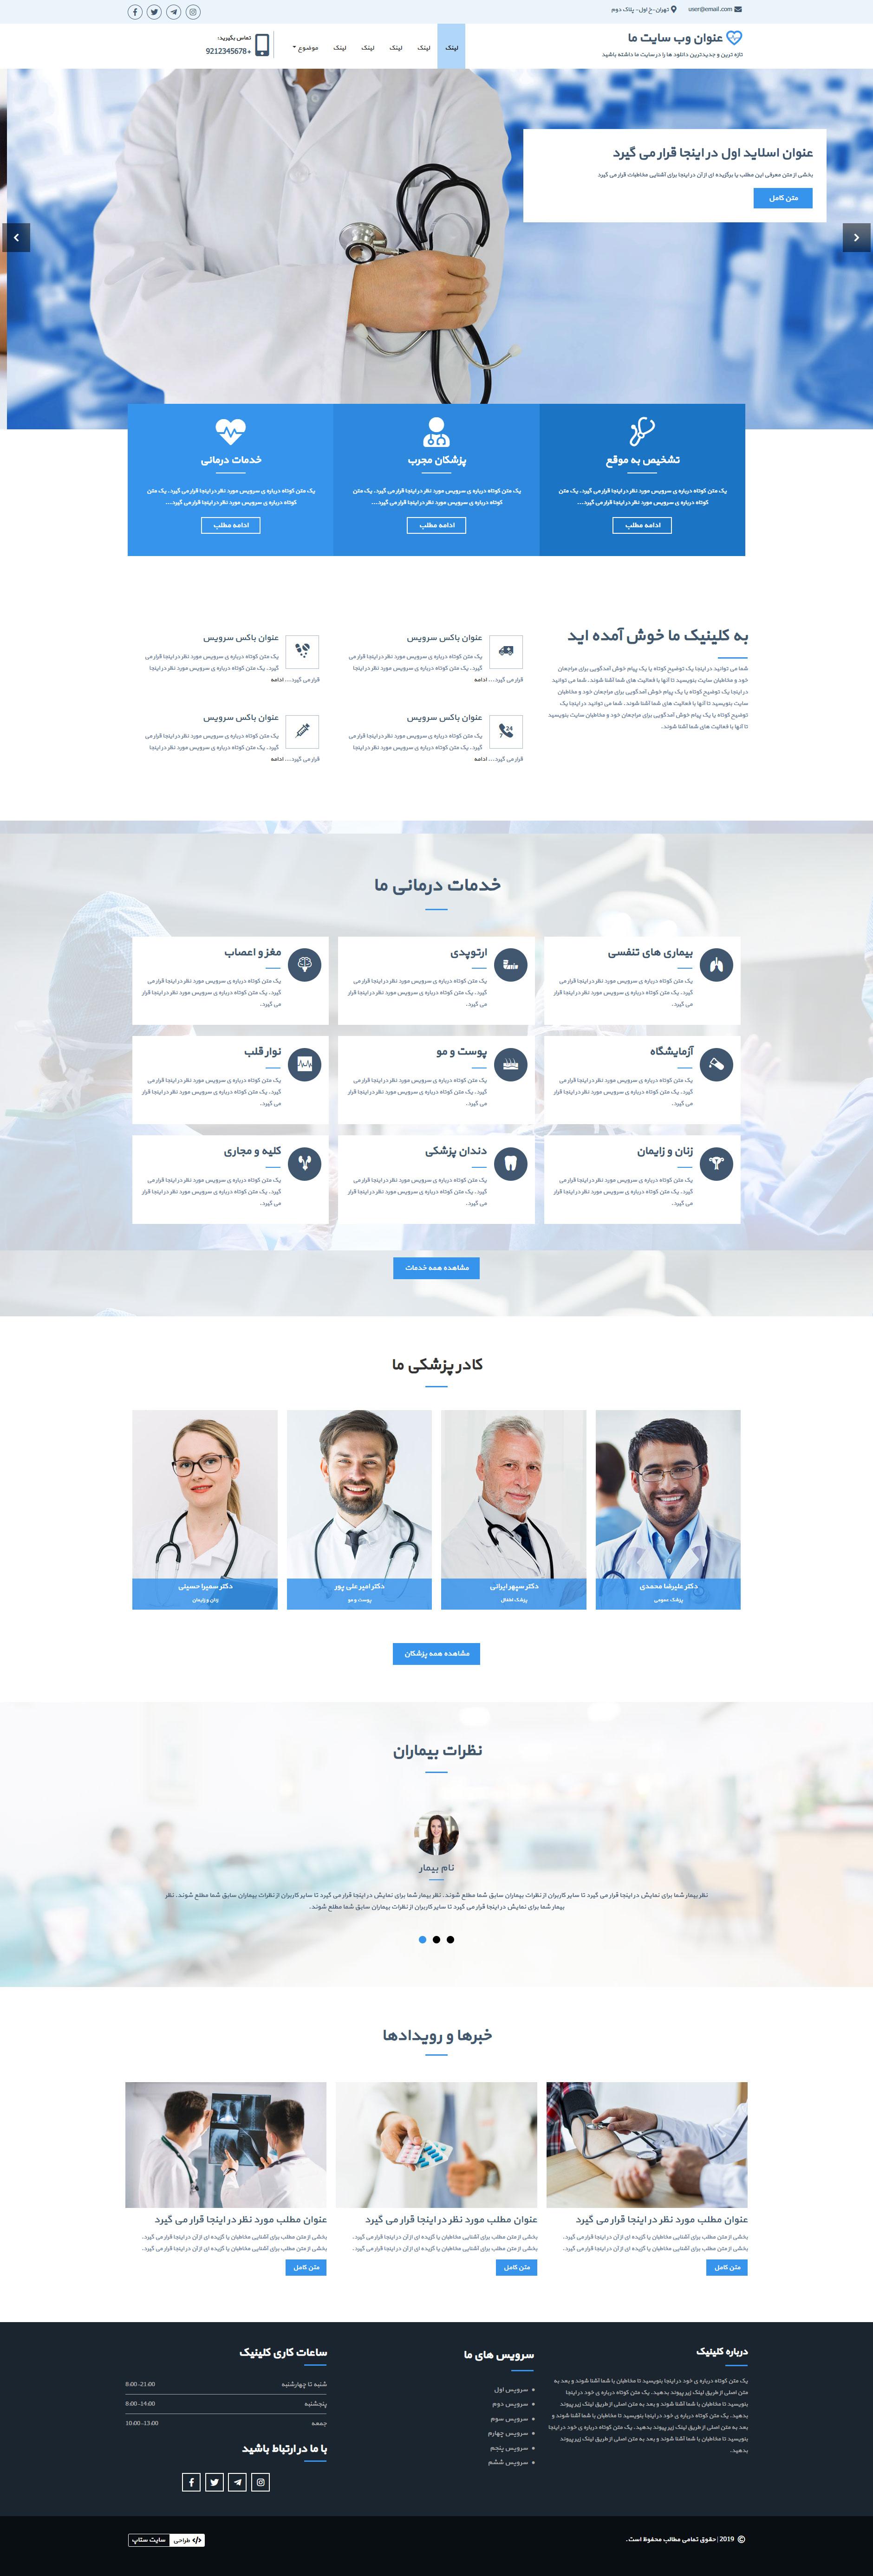 قالب وبلاگ حرفه ای پزشکی - دکتر- بلاگفا-میهن بلاگ-رزبلاگ-بیان